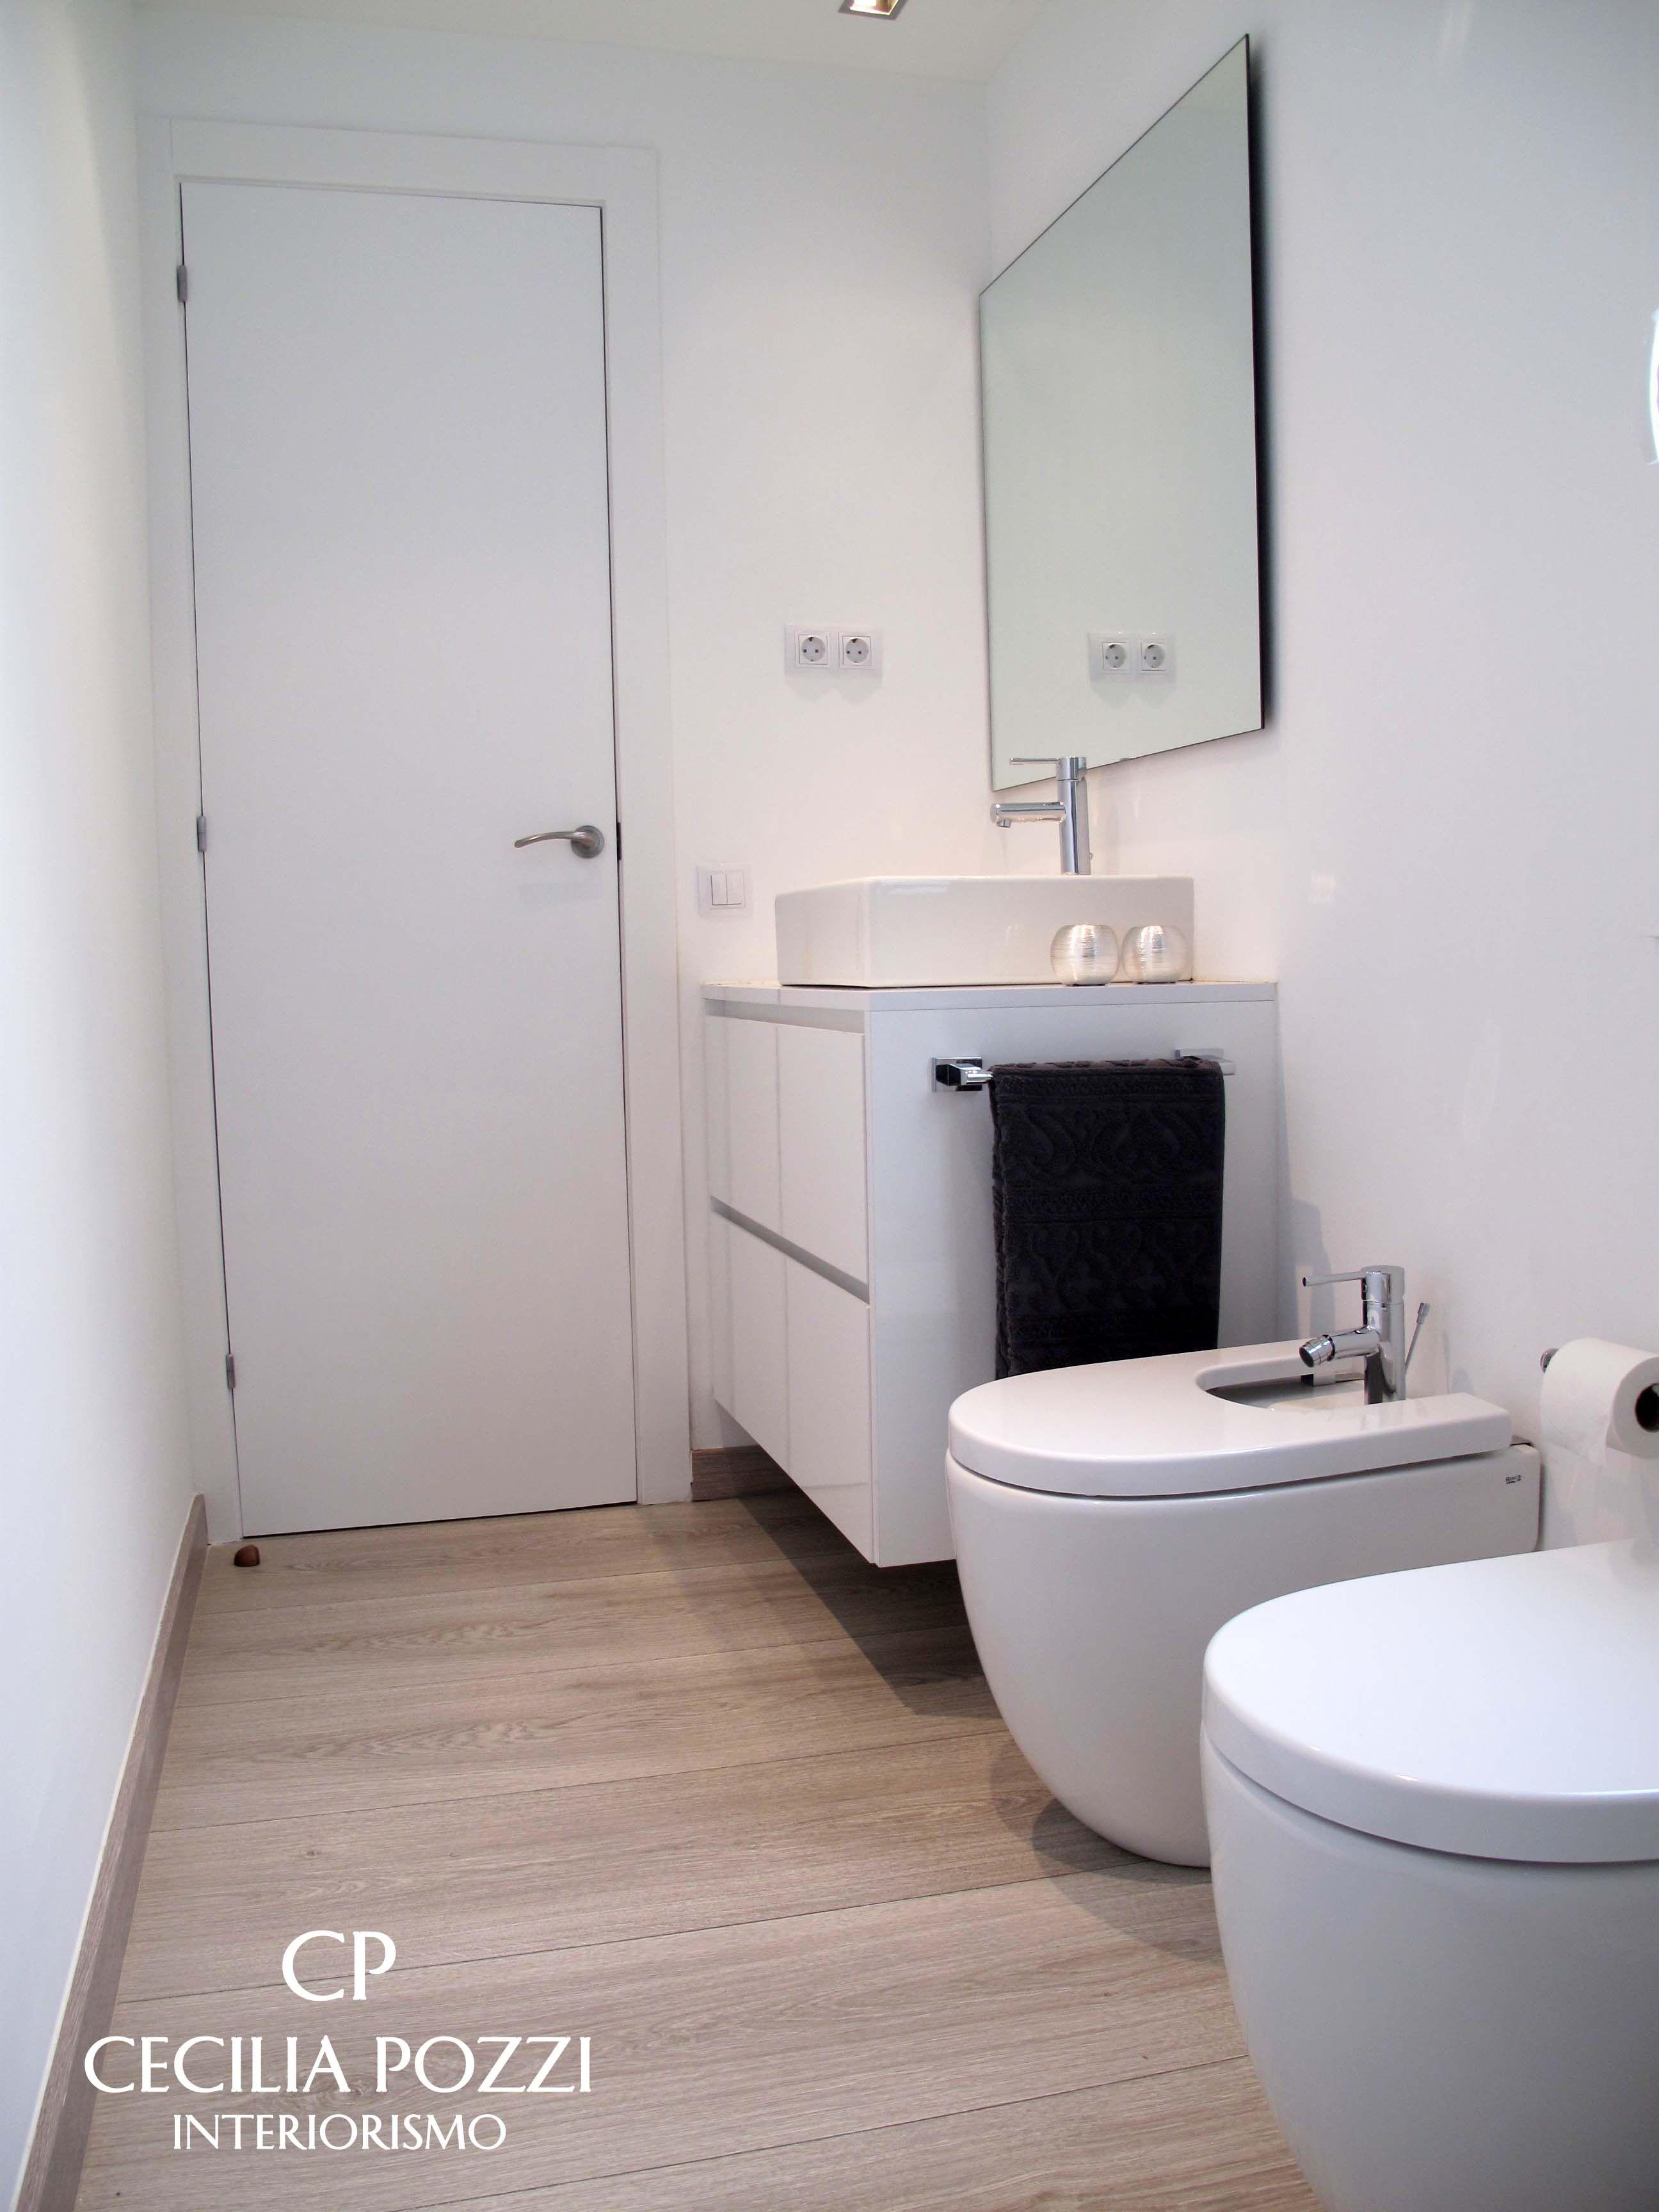 Bathroom. Baño. Cecilia Pozzi Interiorismo. Interiorista Barcelona ...